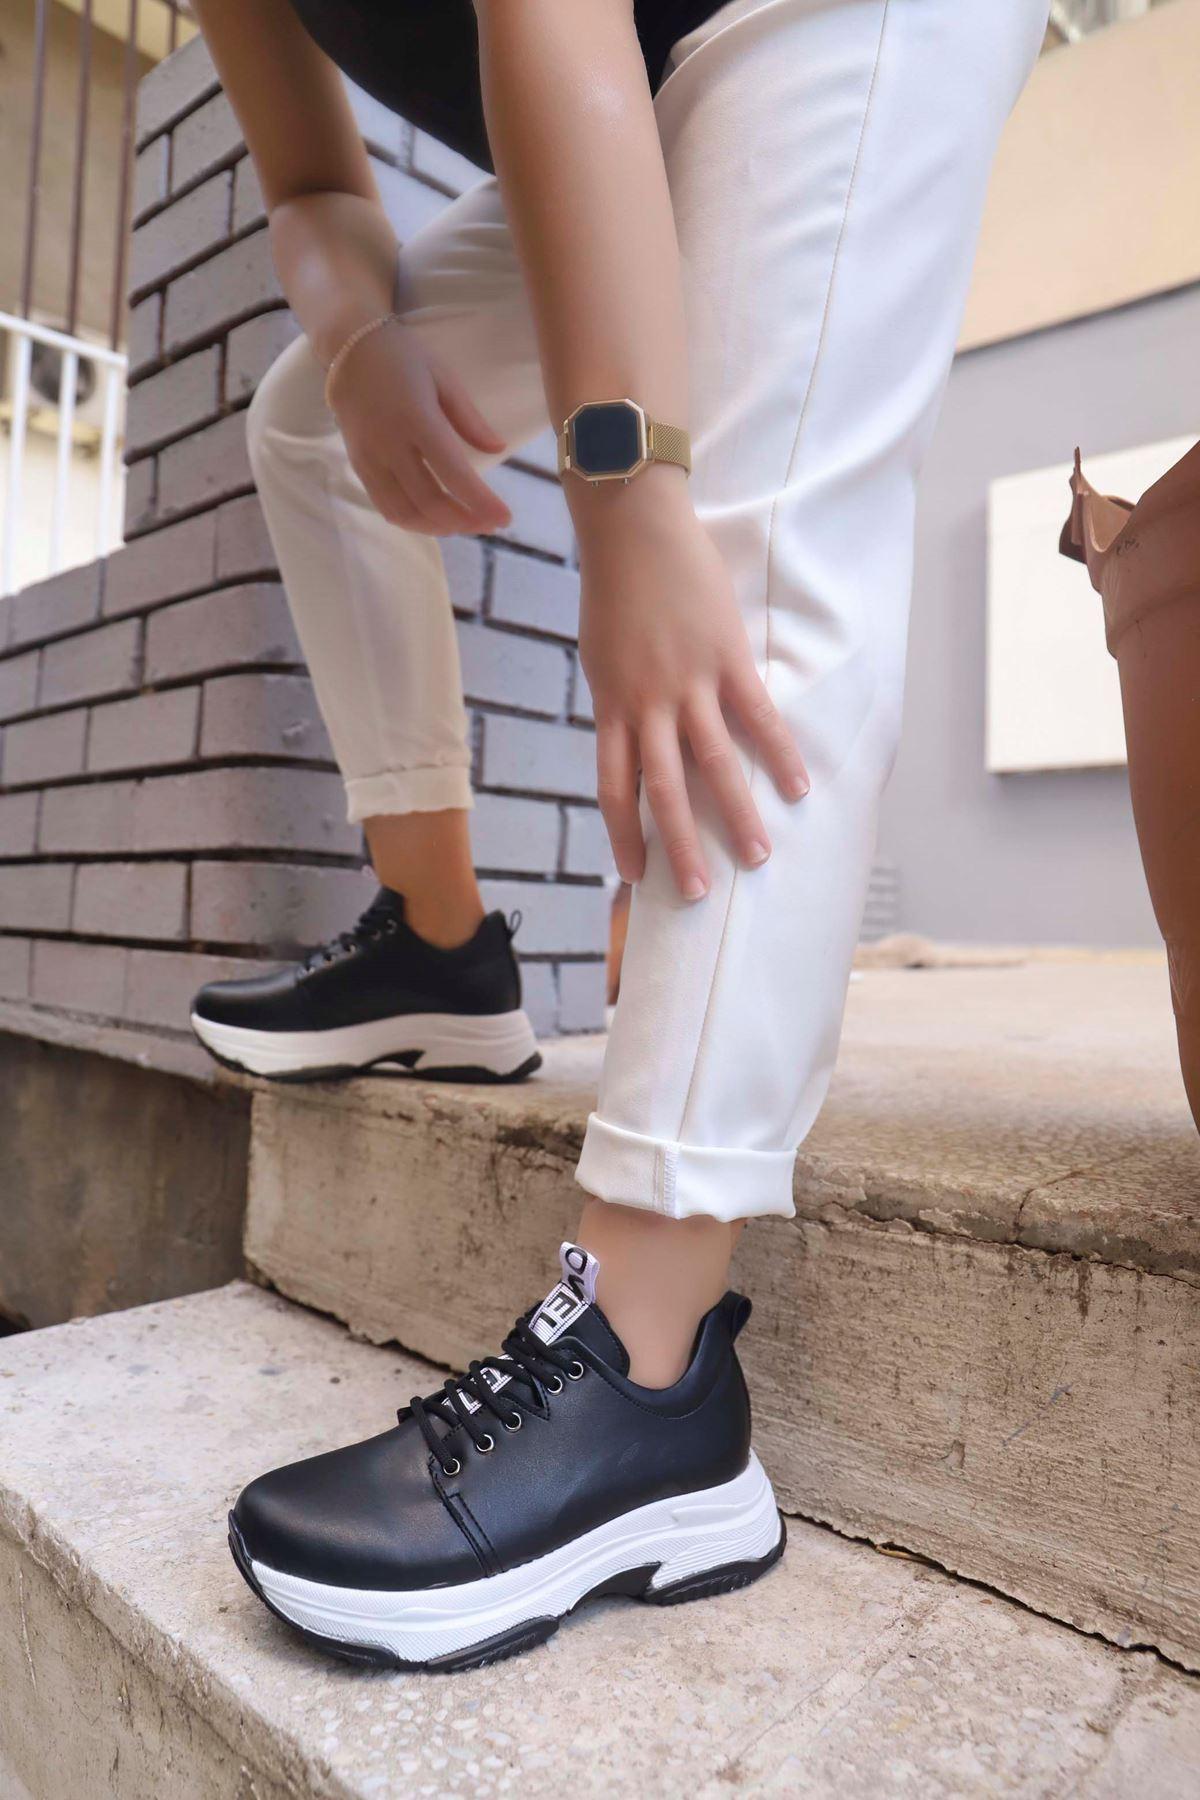 Frm-501 Love Spor Ayakkabı Siyah Deri